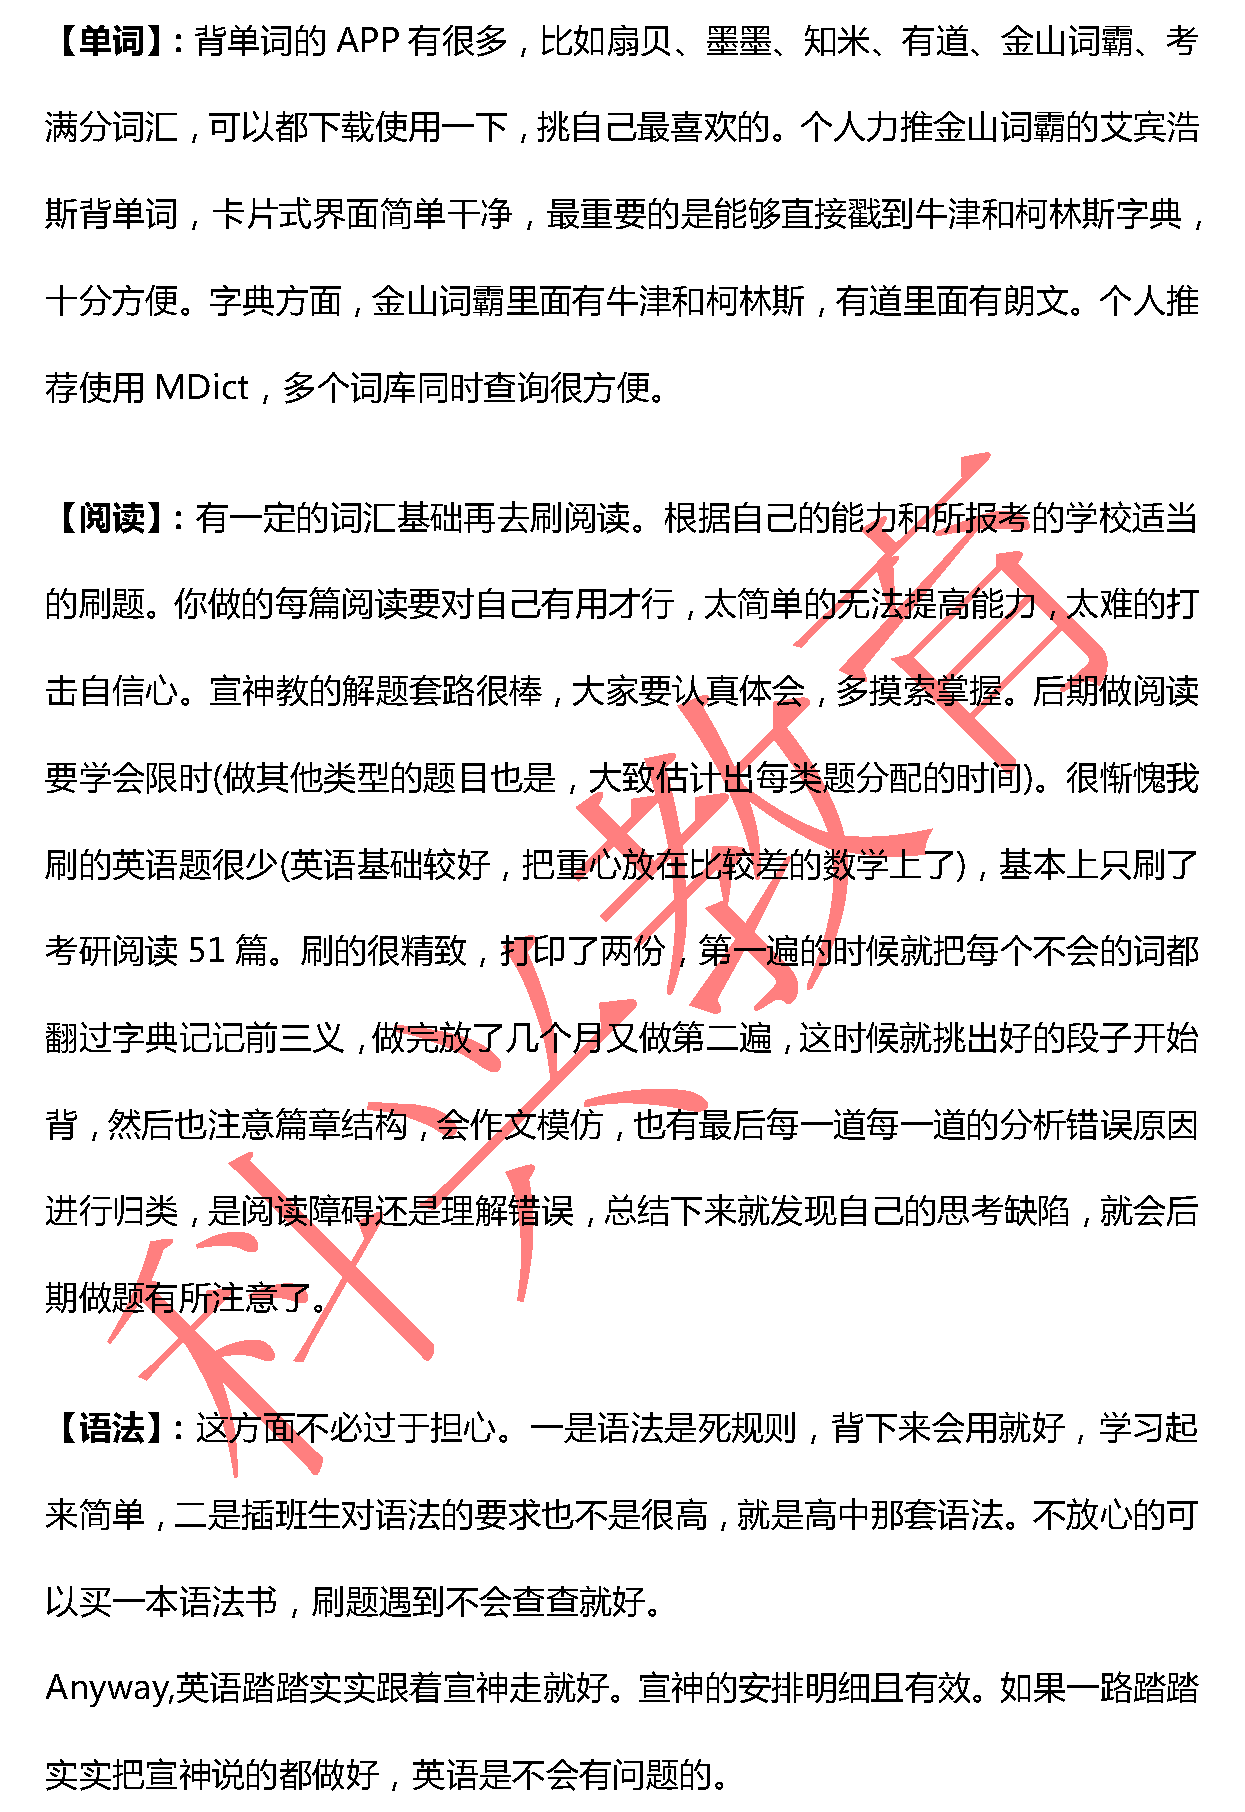 同济刘彤影:必先苦其心志(17届)